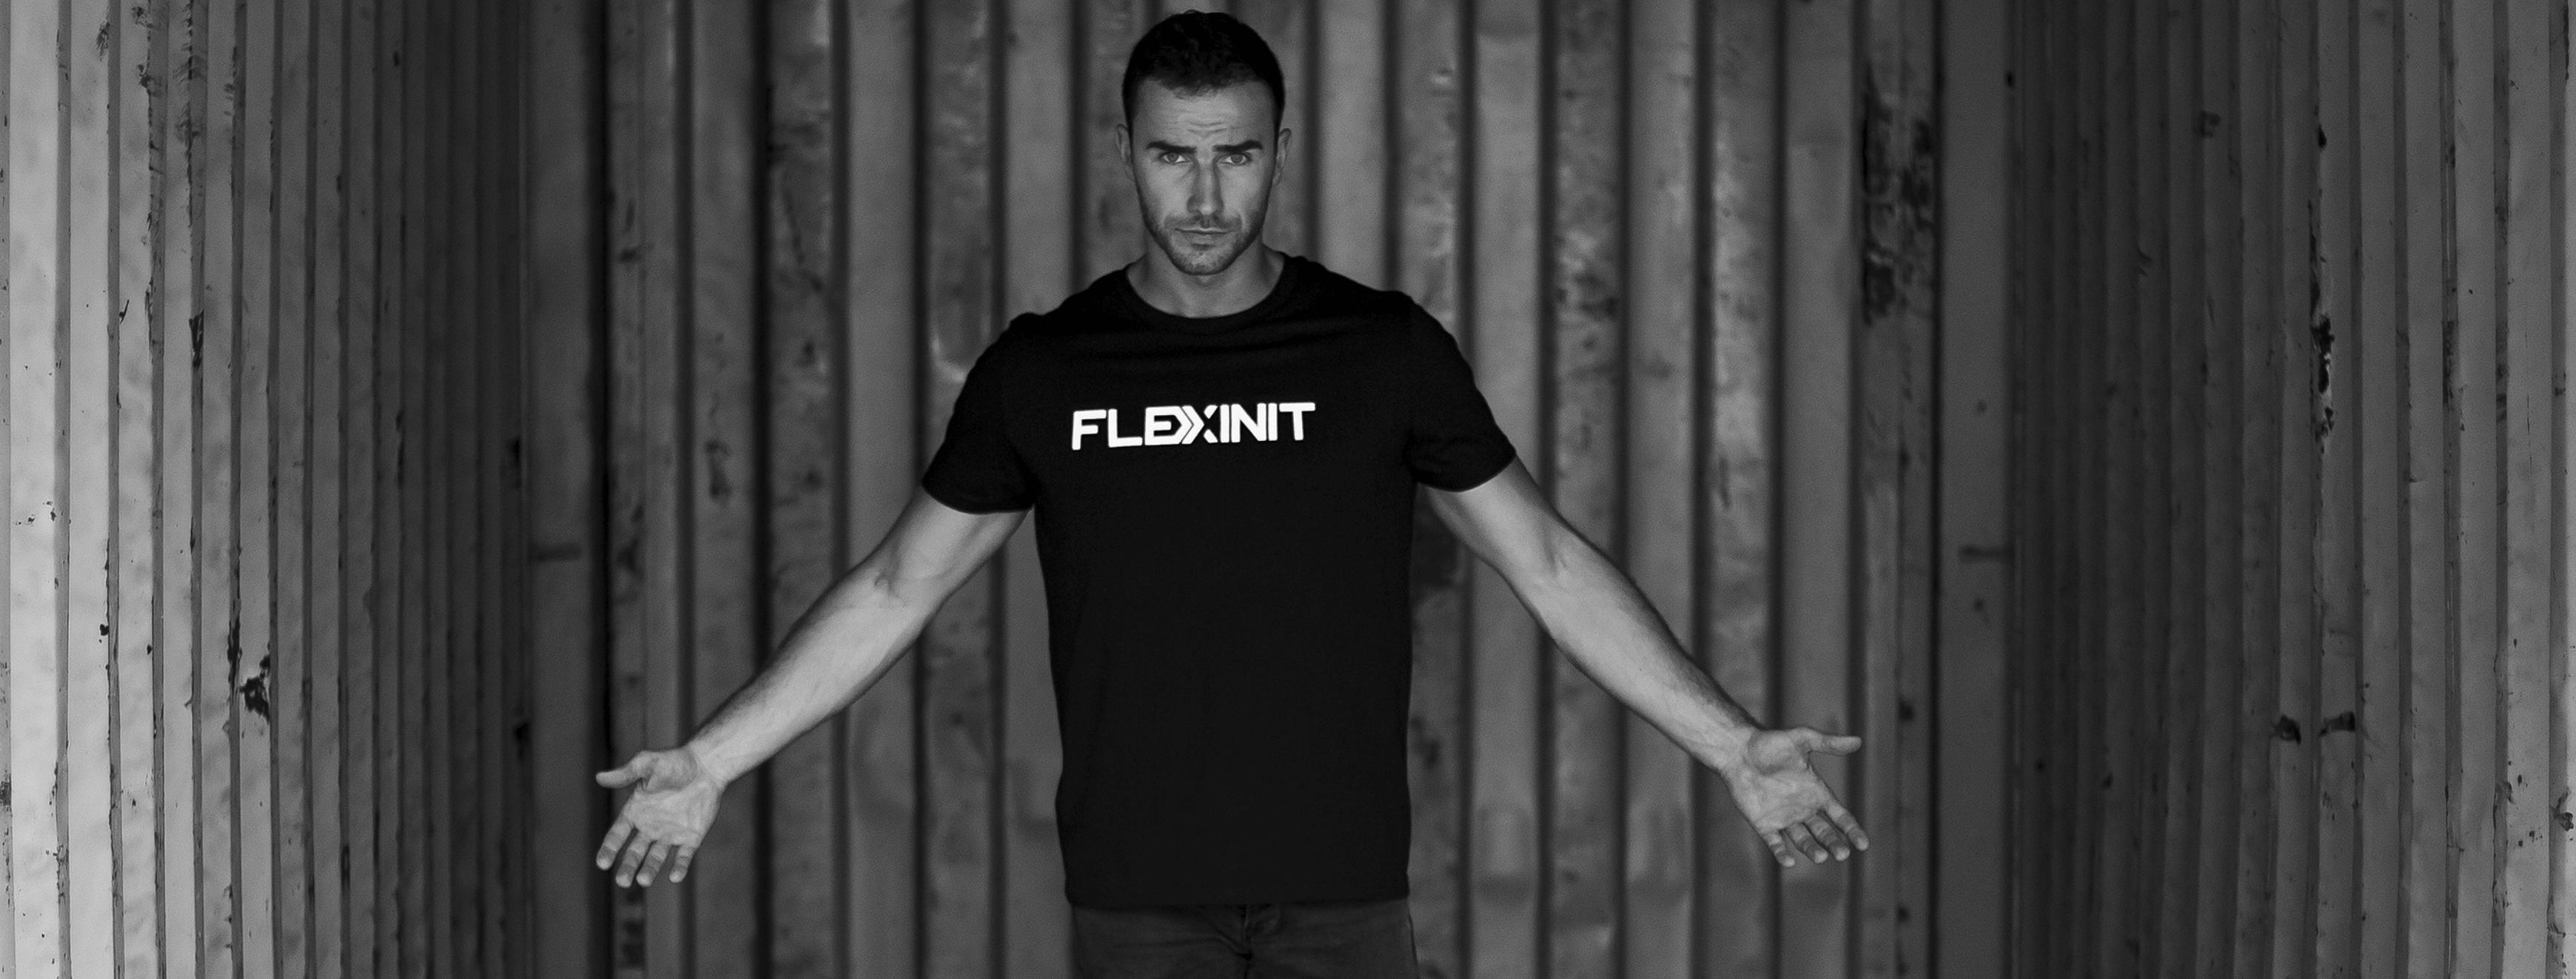 Flexinit